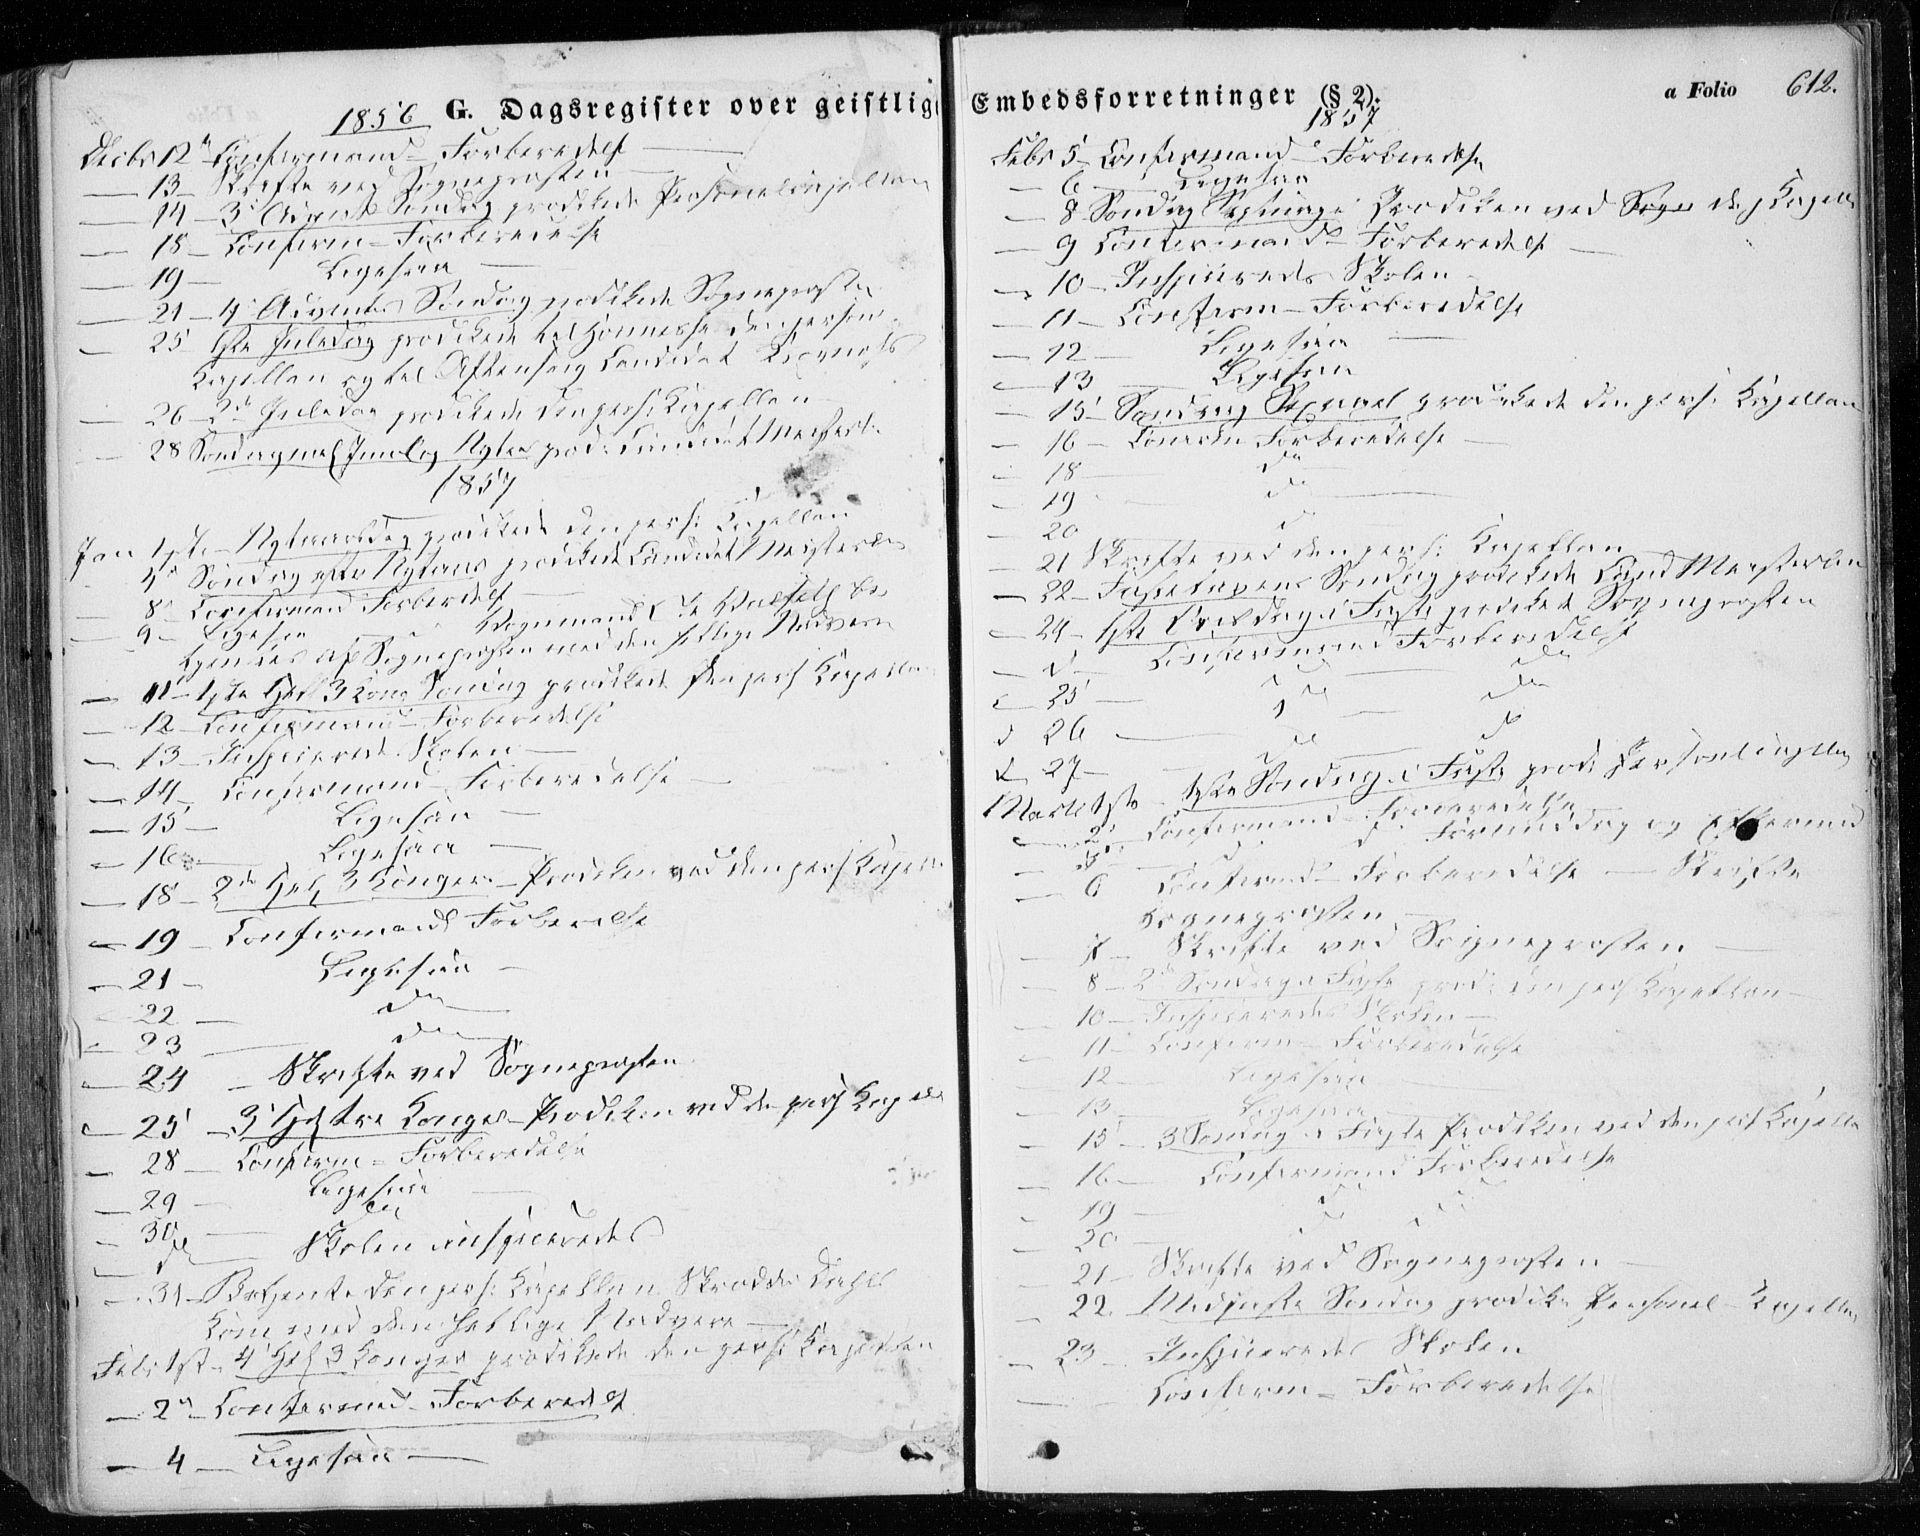 SAT, Ministerialprotokoller, klokkerbøker og fødselsregistre - Sør-Trøndelag, 601/L0051: Ministerialbok nr. 601A19, 1848-1857, s. 612